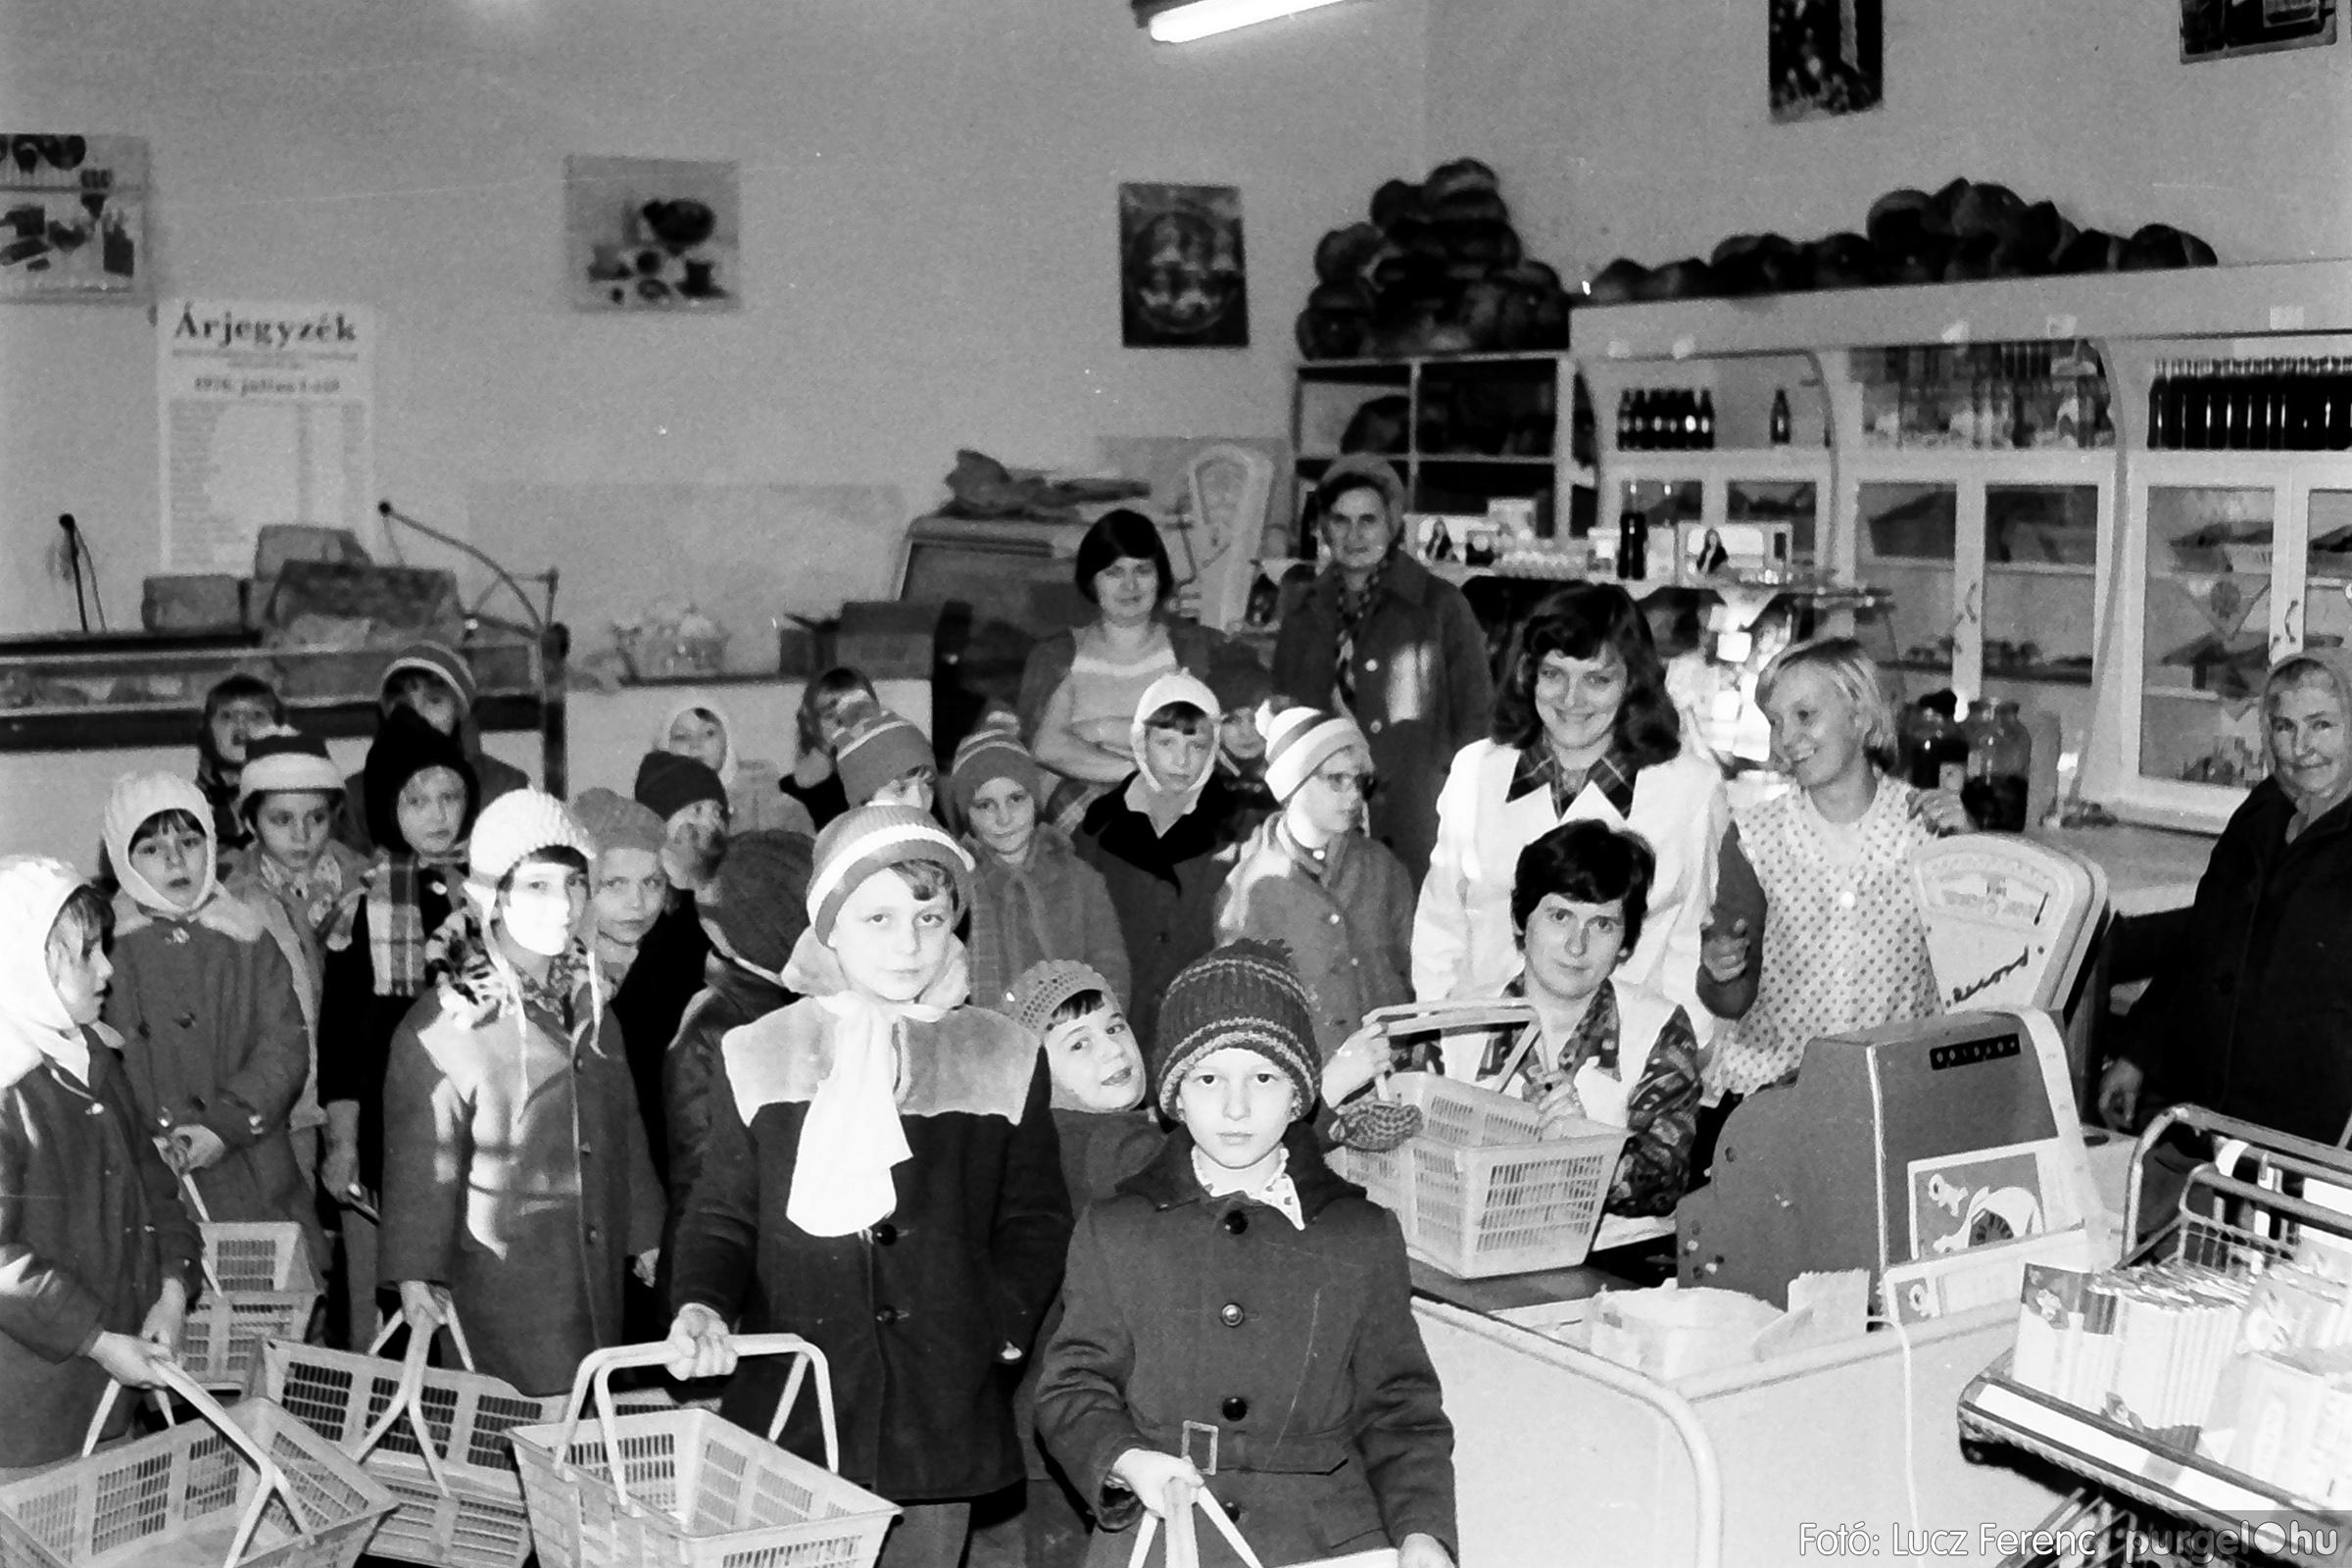 072A. 1977. Diákok látogatása a boltba 004. - Fotó: Lucz Ferenc.jpg